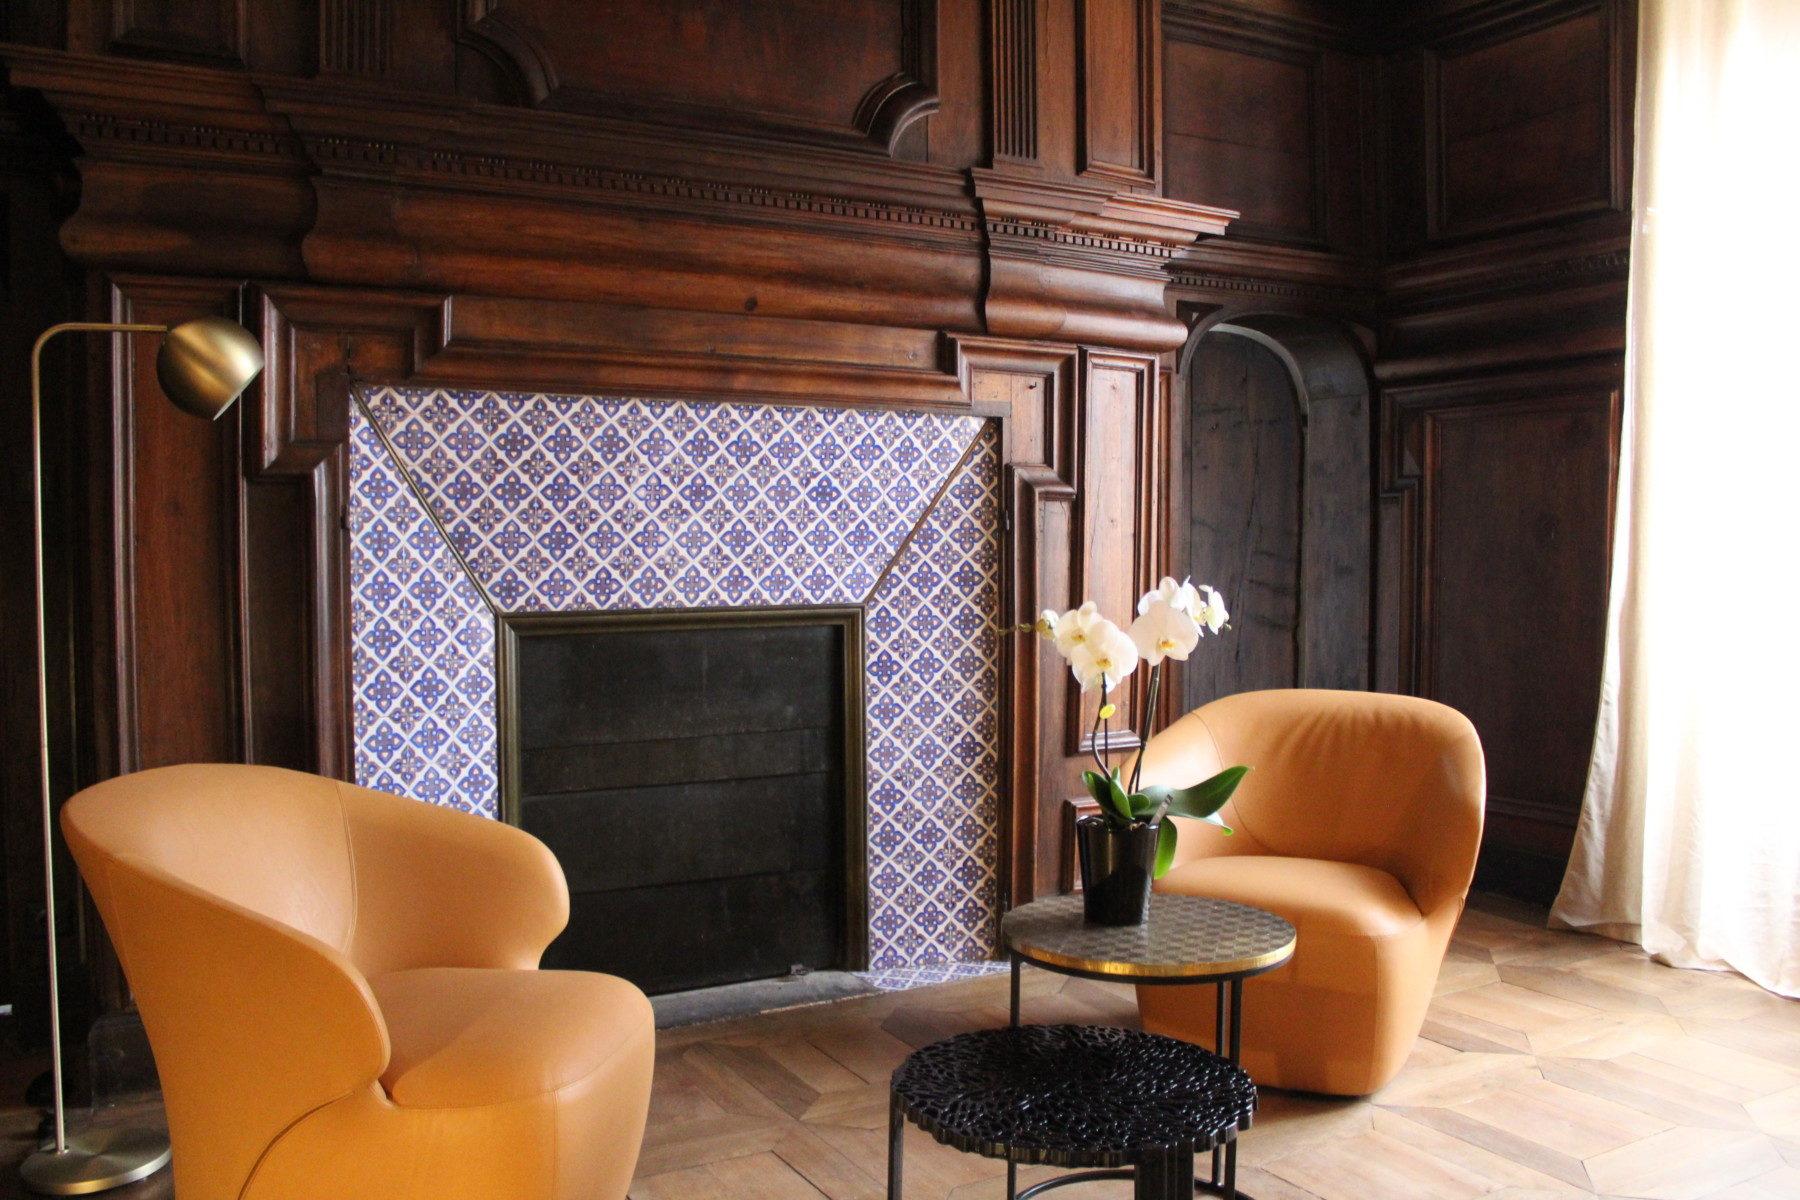 La Chambre du Seigneur est la chambre historique de la Maison du Chevalier des Huttes, chambres et table d'hôtes à Vic sur Cère (Auvergne, Cantal, France). Le bois ciré y est omniprésent et son papier peint d'époque lui donne un aspect aussi cosy qu'original.